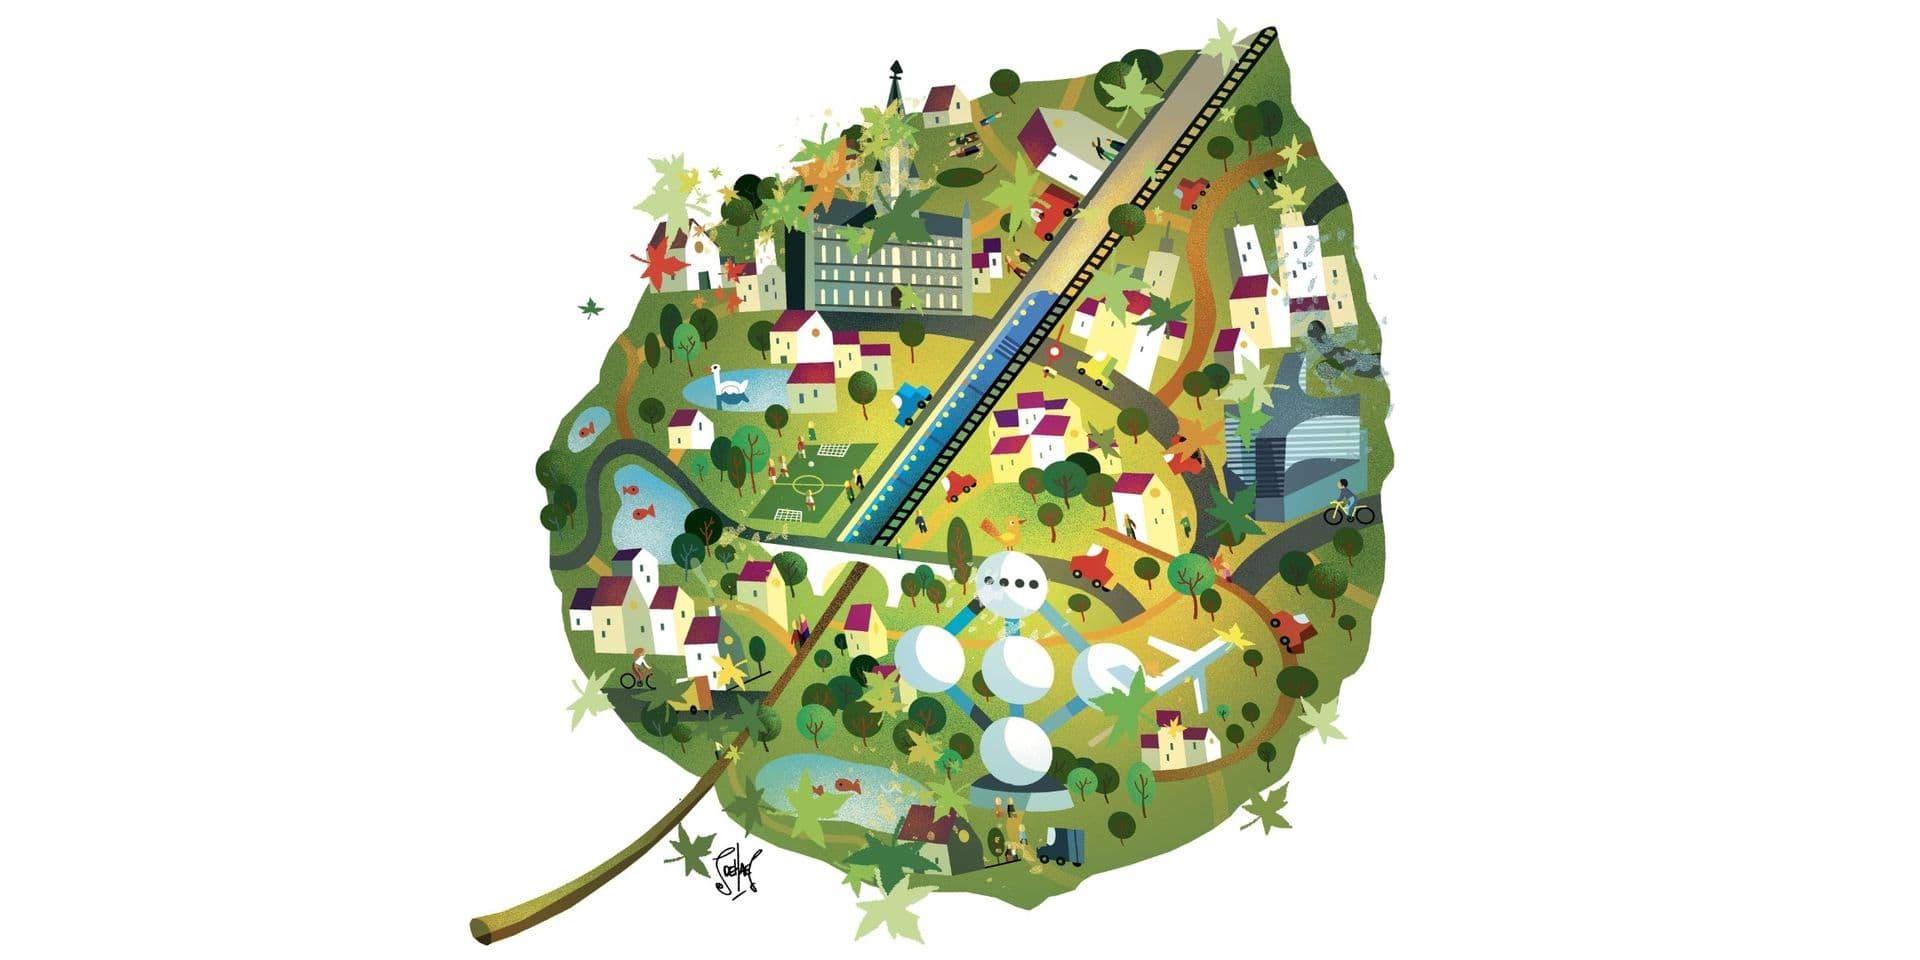 La solution pour un monde durable viendra-t-elle des villes ?